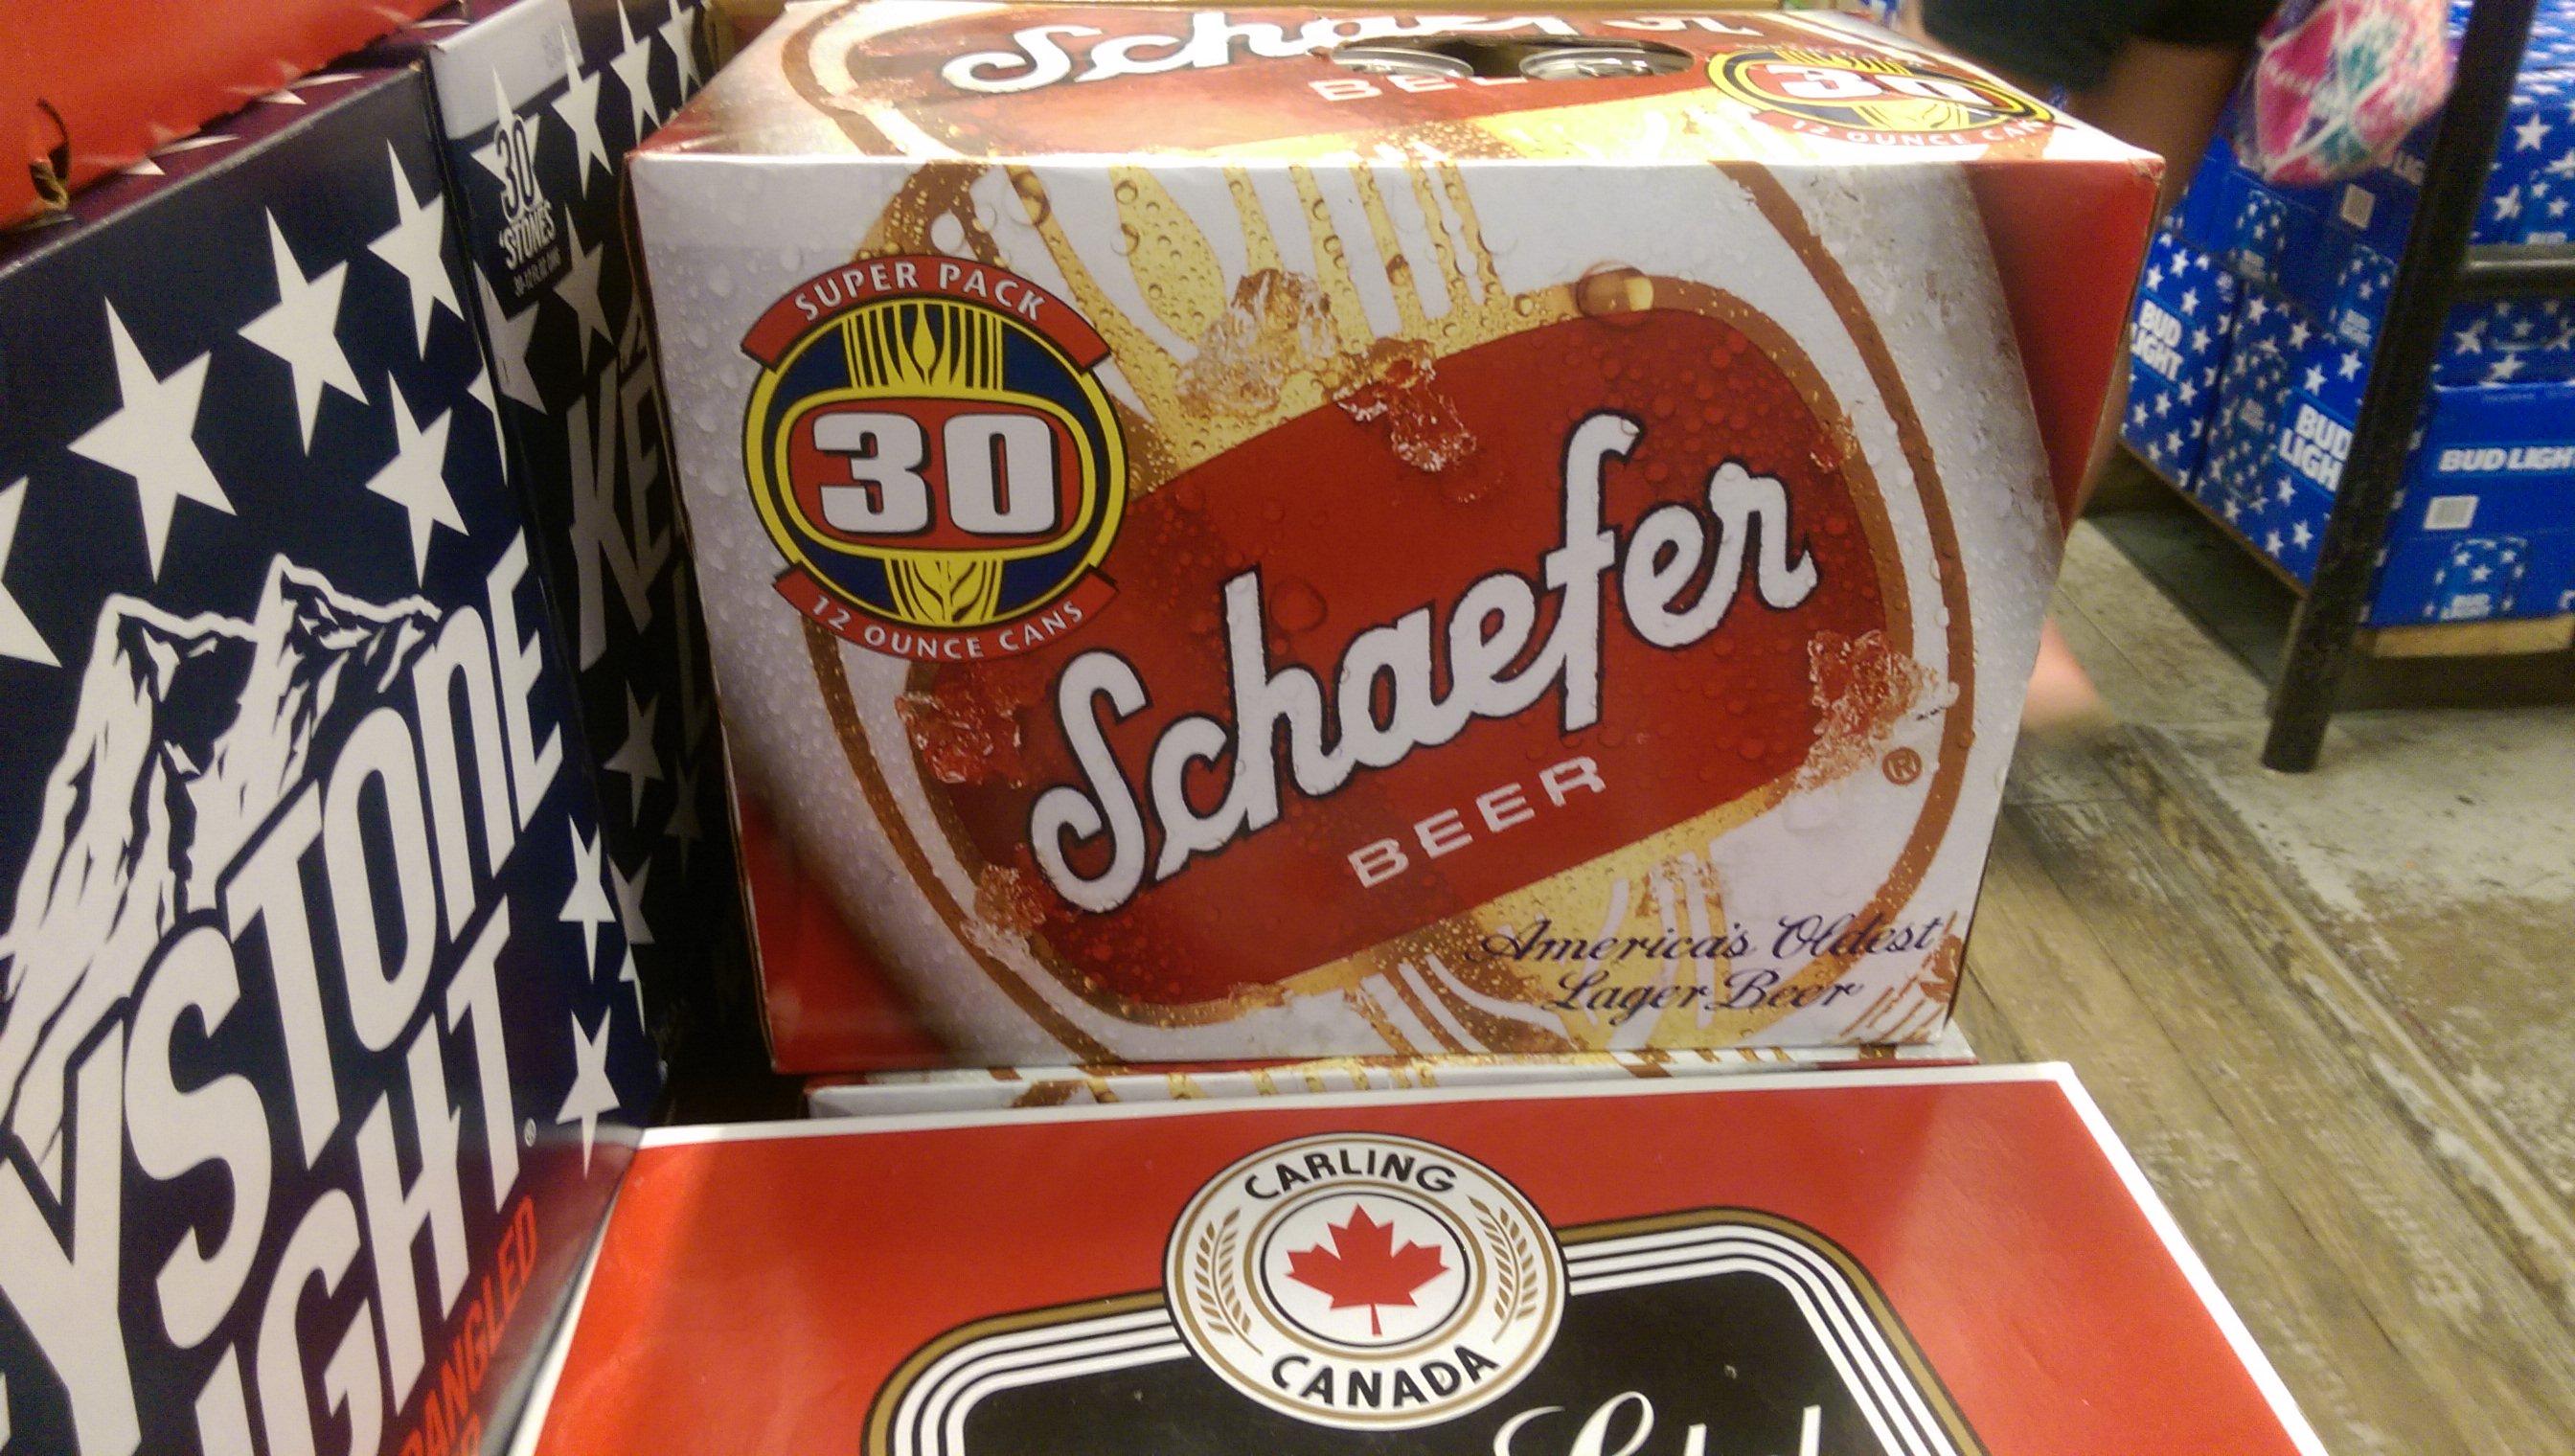 Schaefer Beer - Wikipedia